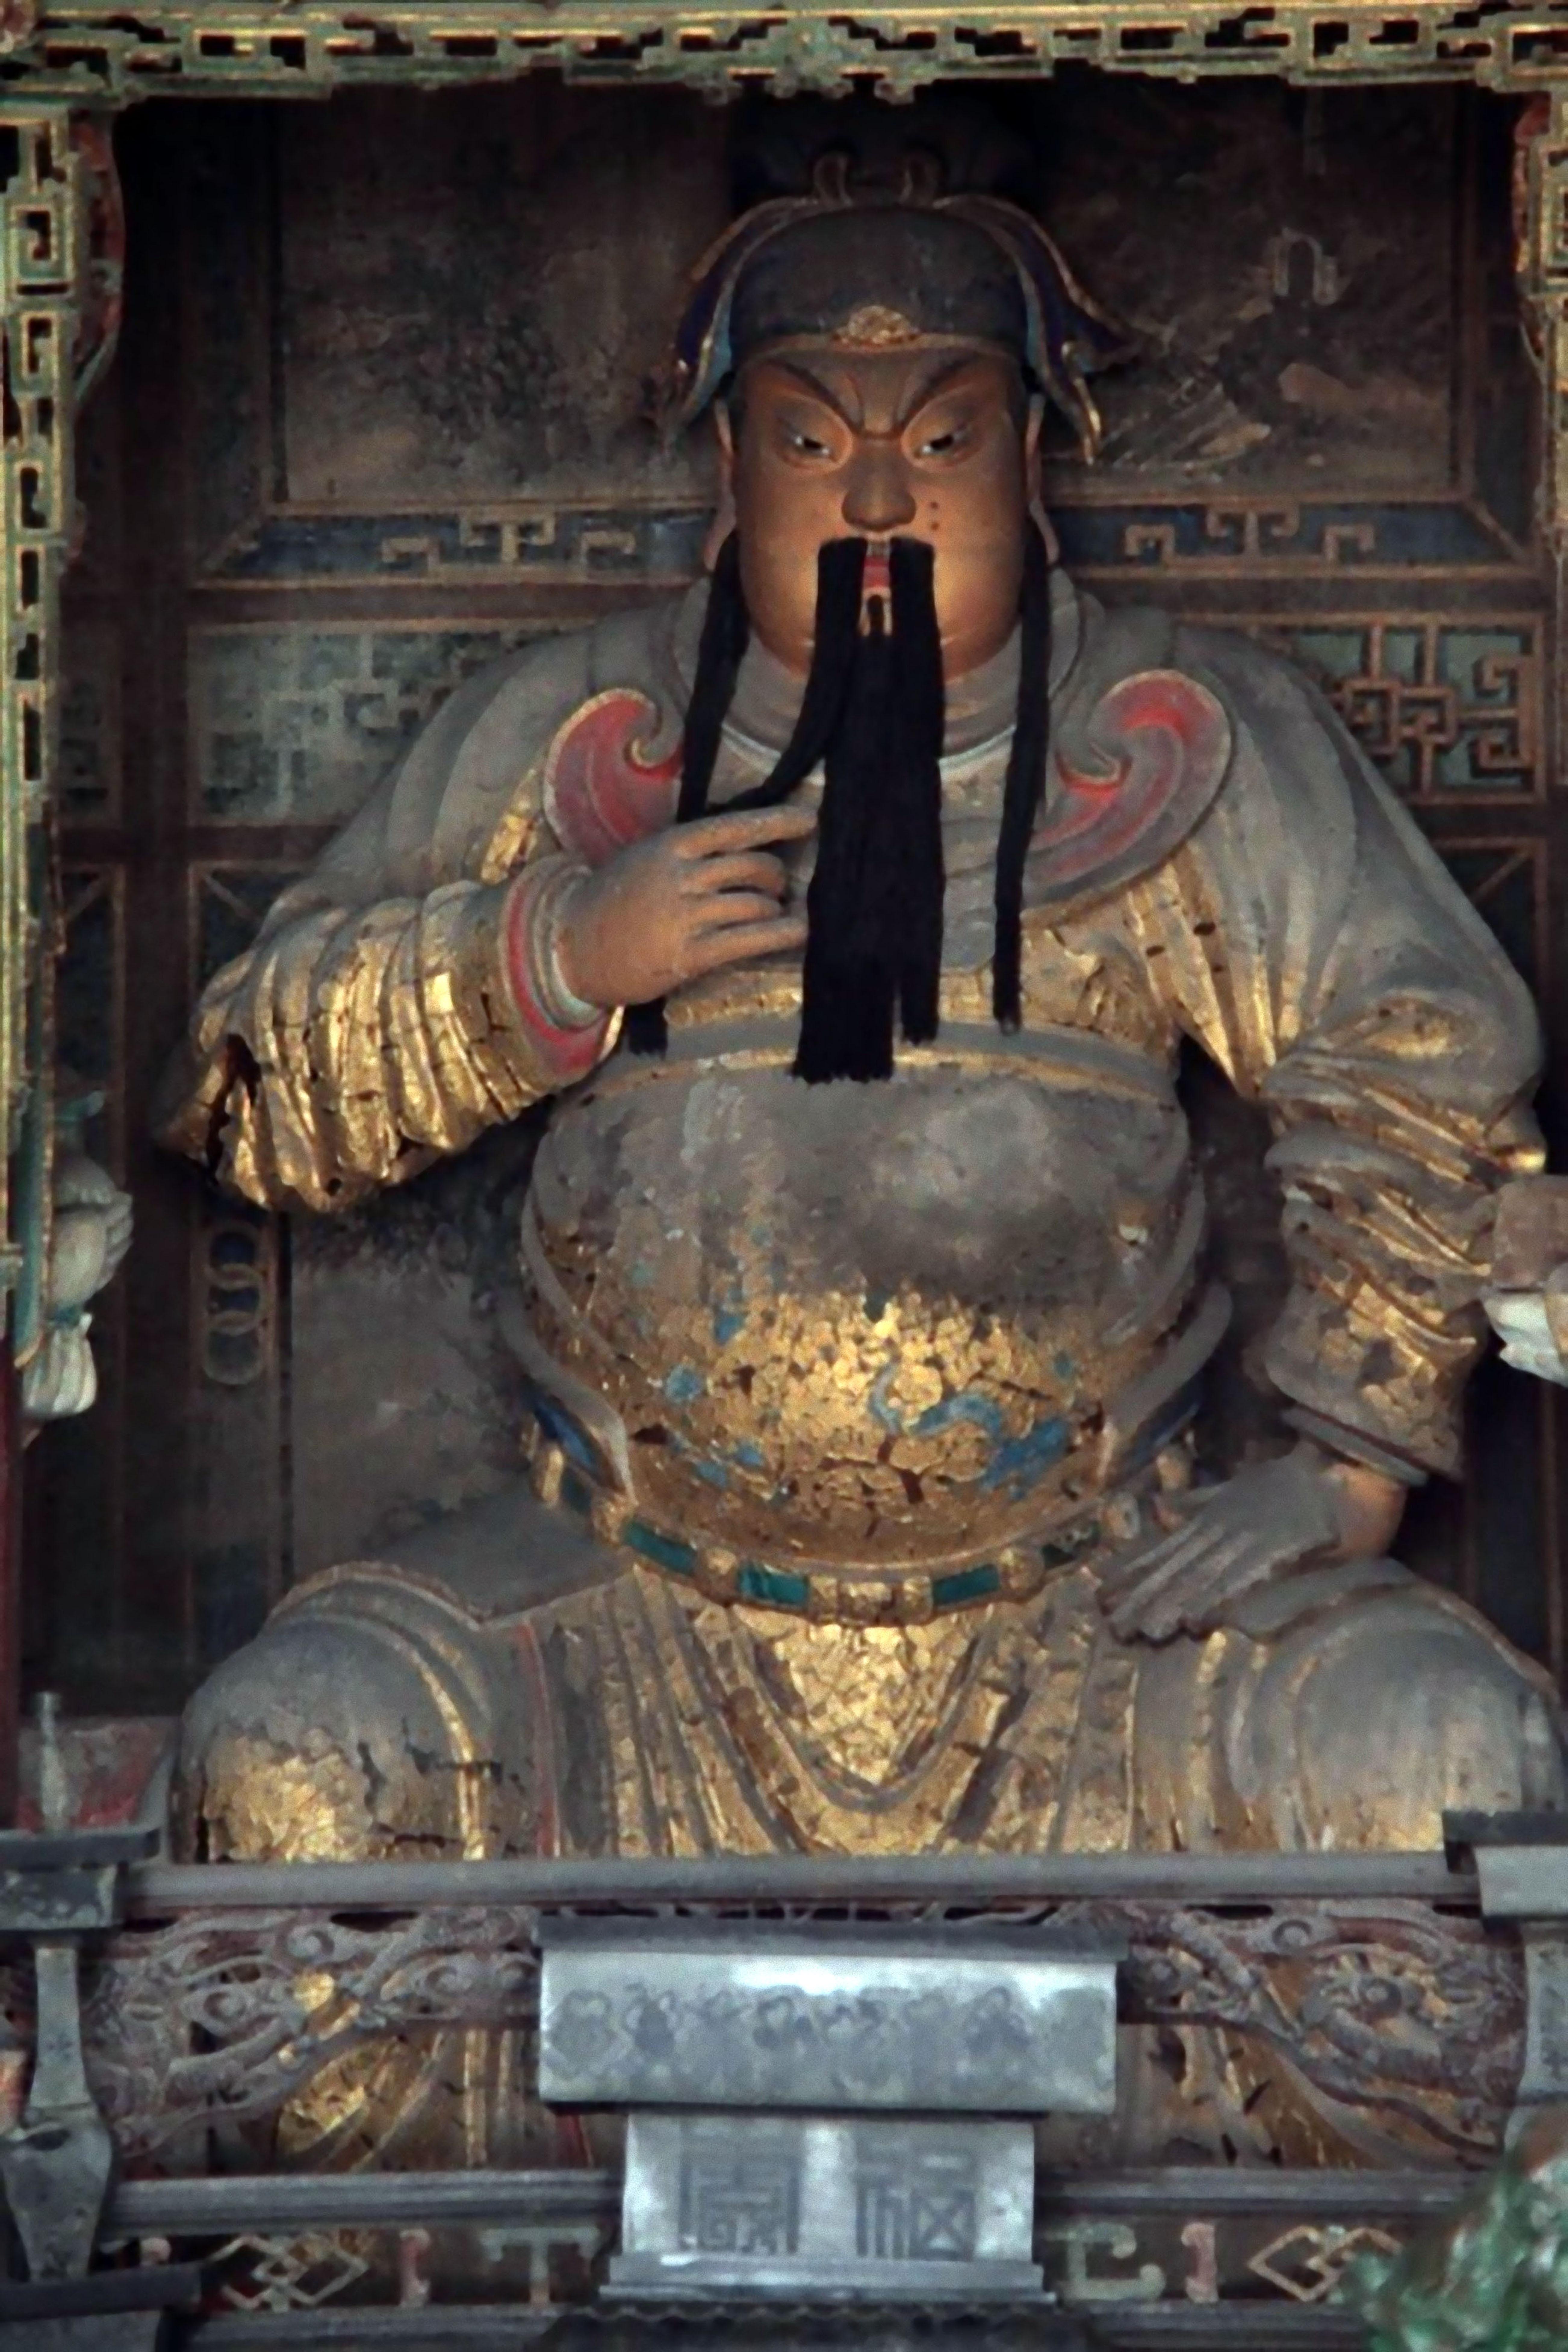 山西解州關公廟歷史悠久,當中關公面頰顏色微紅,不如今日的硃砂赤紅。